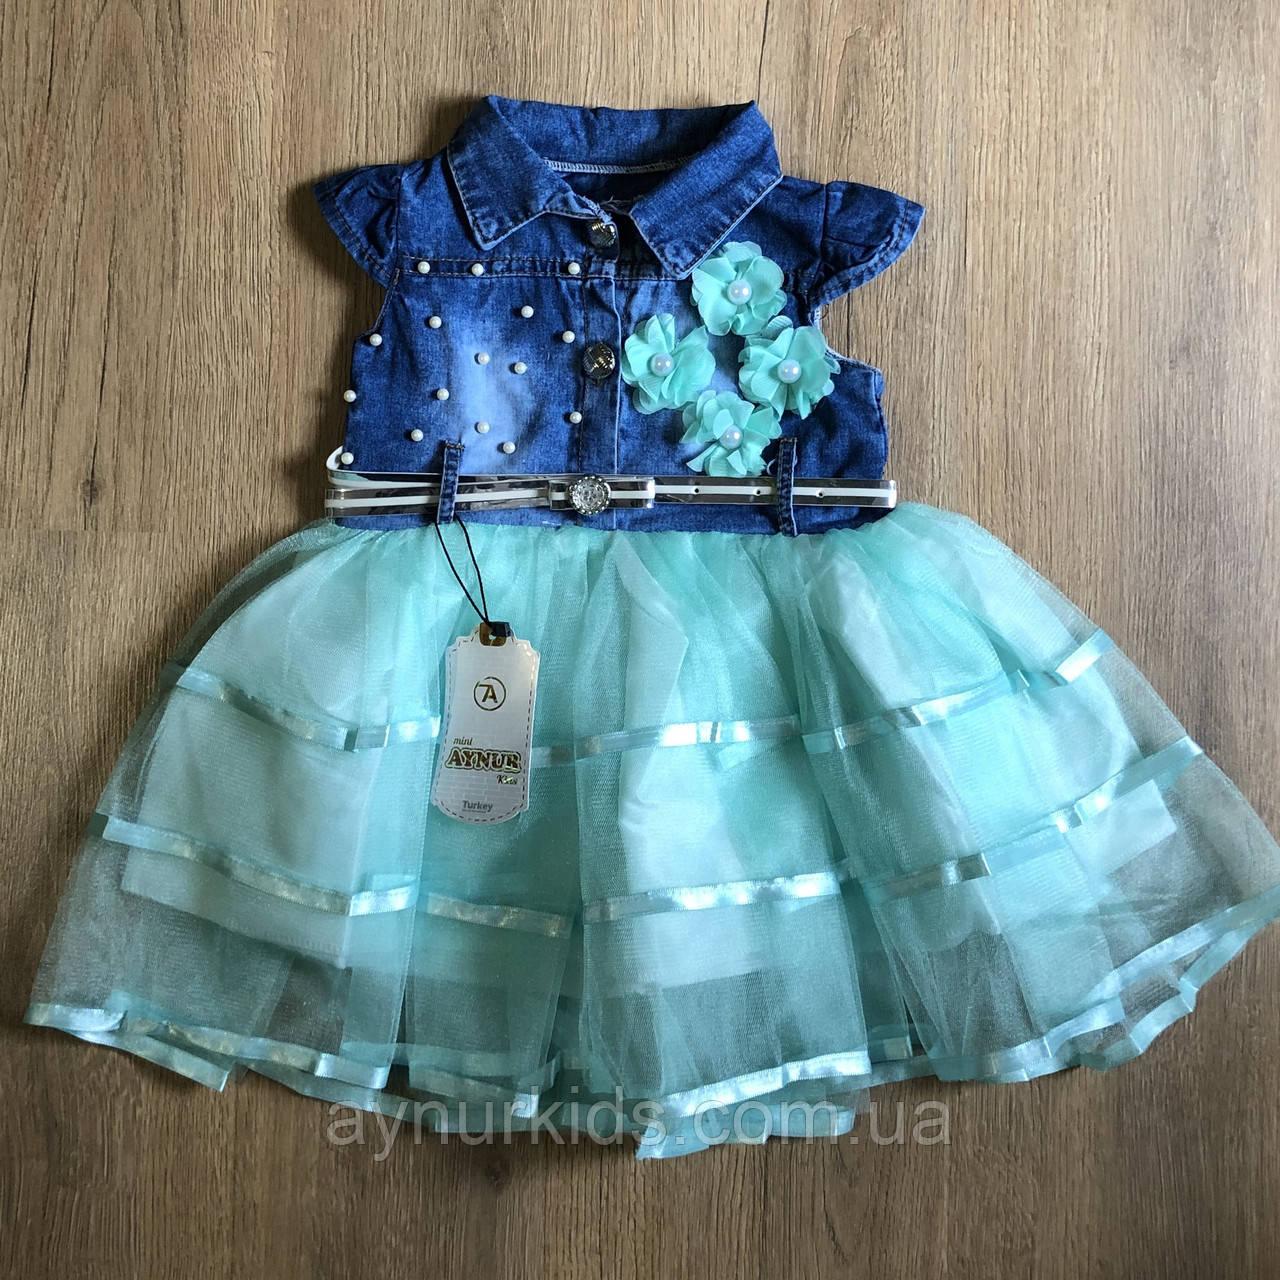 Фатиновое платьес джинсовым верхом 2-3-4-5 лет